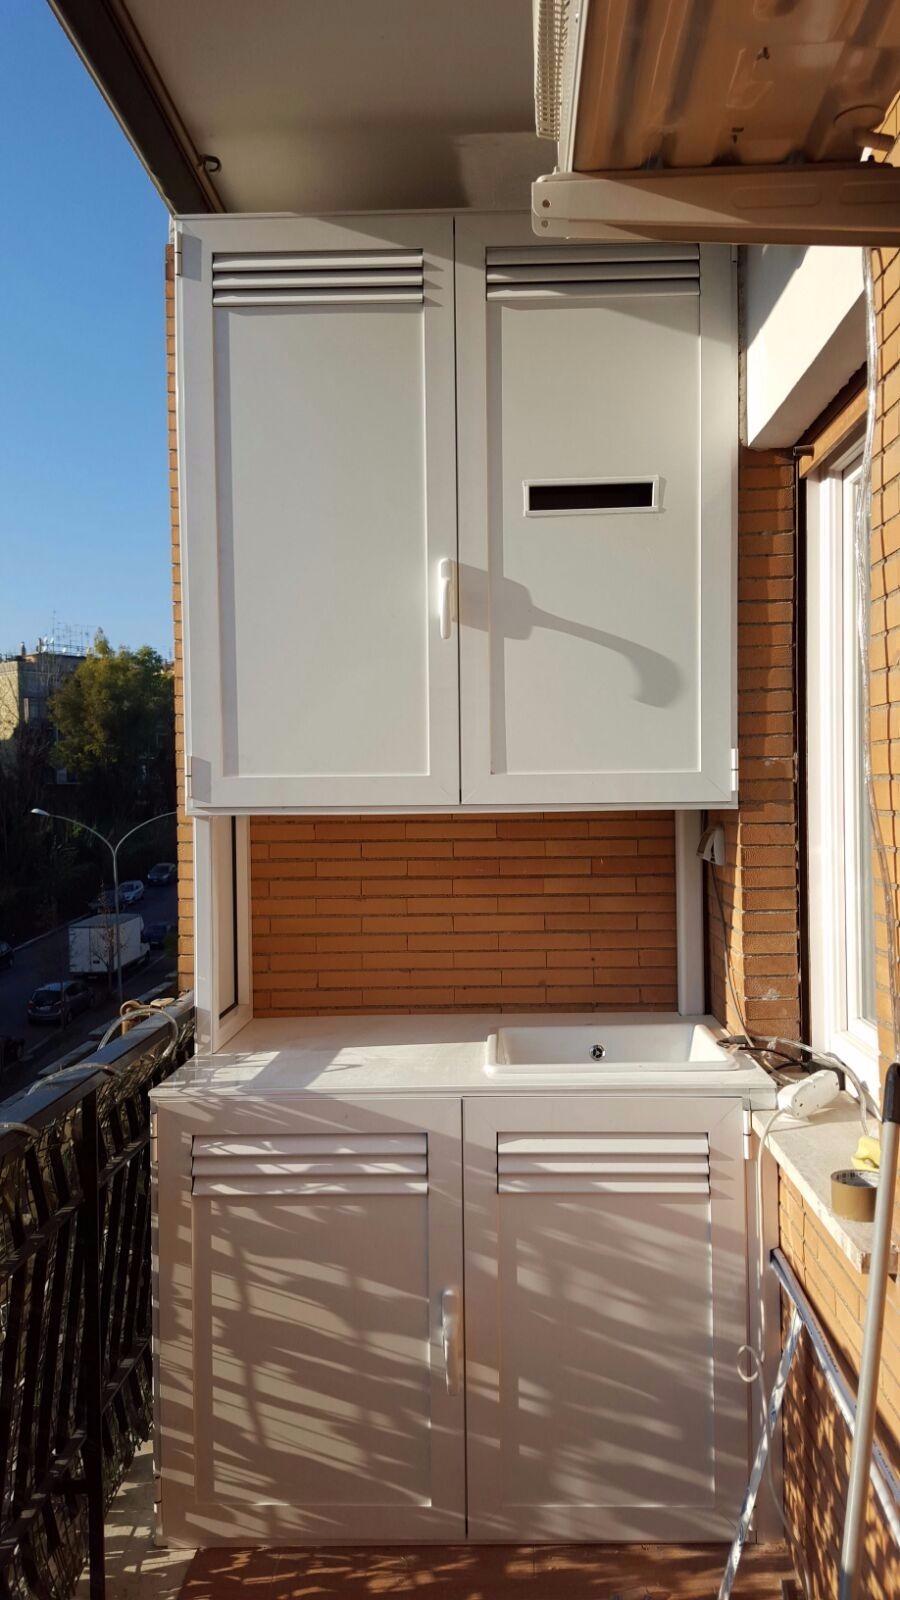 Armadio basso copri lavatrice con grate di areazione, chiuso